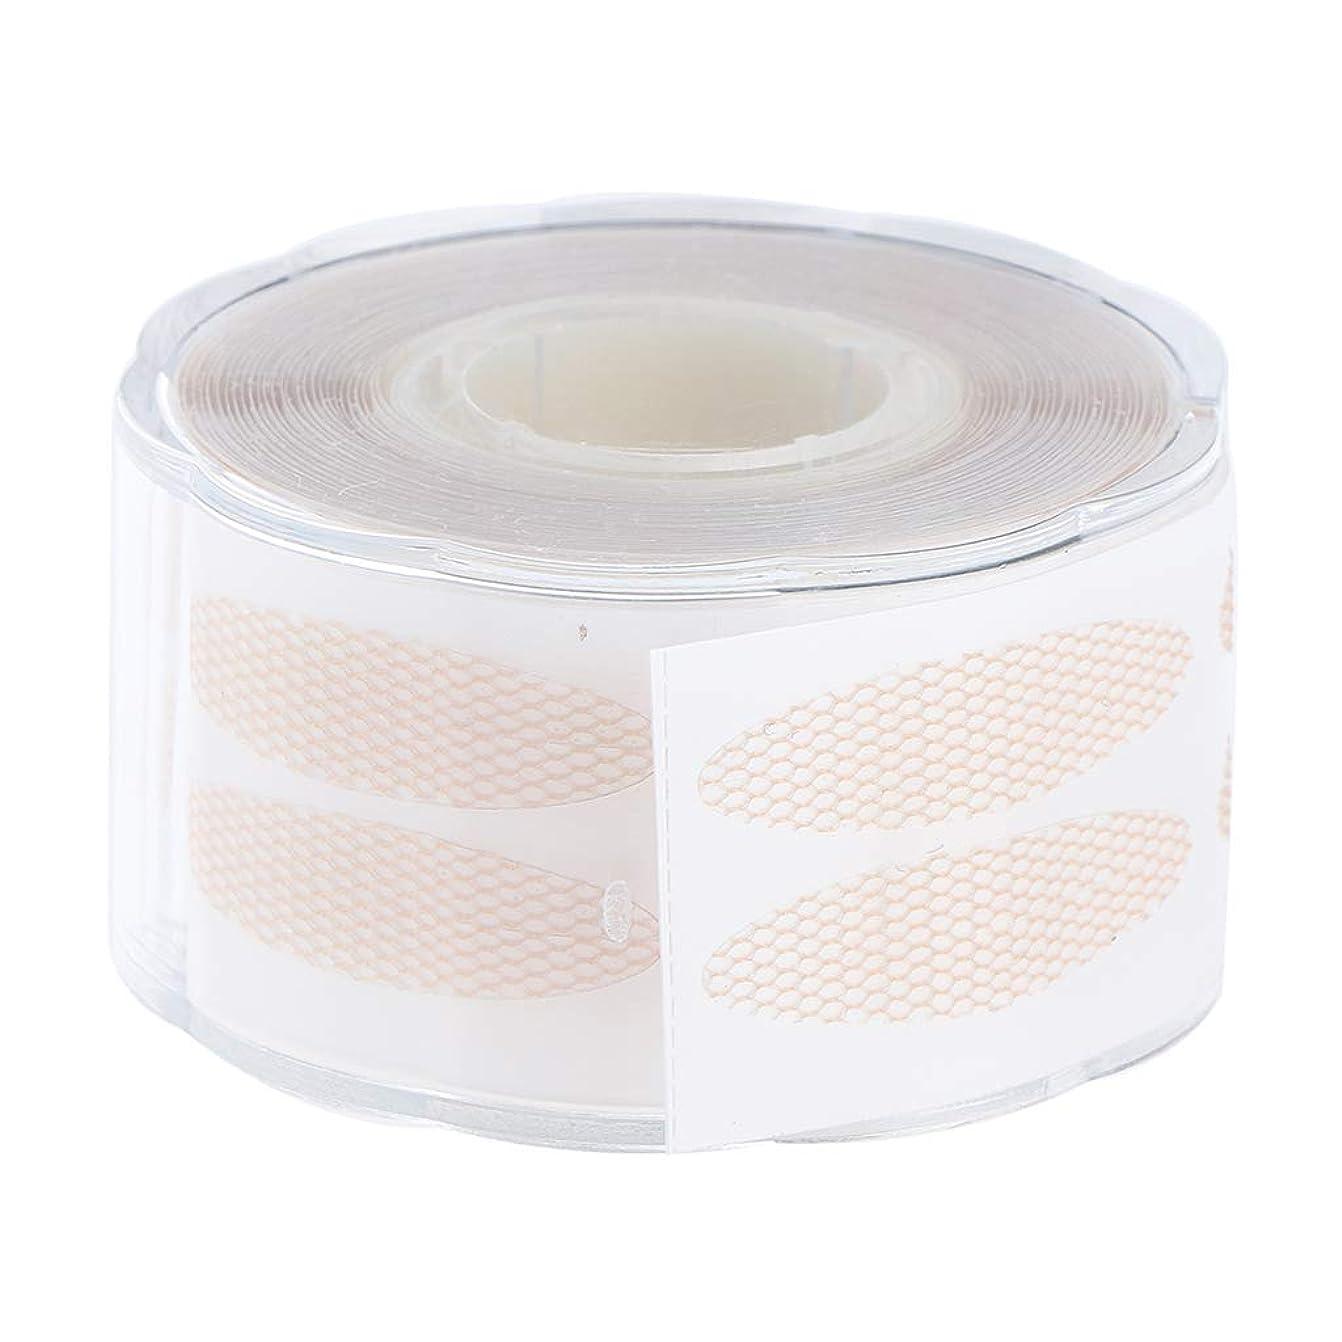 の頭の上命令的無能Sharplace 二重まぶたテープ 約220ペア 見えない メイクアップ お化粧 3サイズ選べ - 2.5×1.2 cm